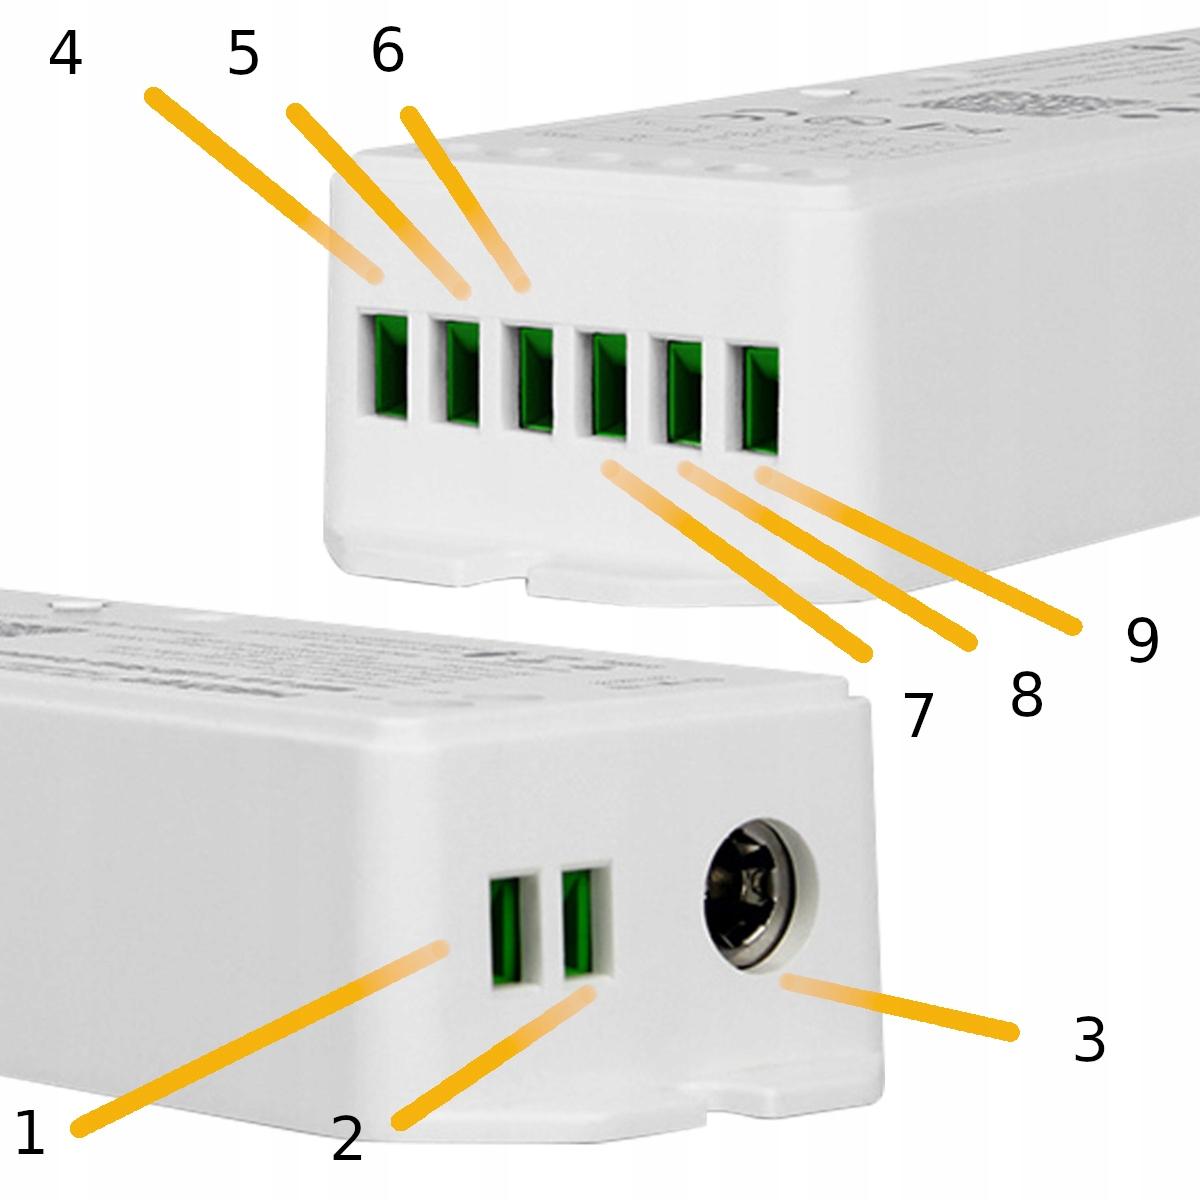 STEROWNIK RGB+CCT WL-5 5in1 WIFI MIBOXER MILIGHT Kod producenta Sterownik MIBOXER WL-5 5in1 MILIGHT